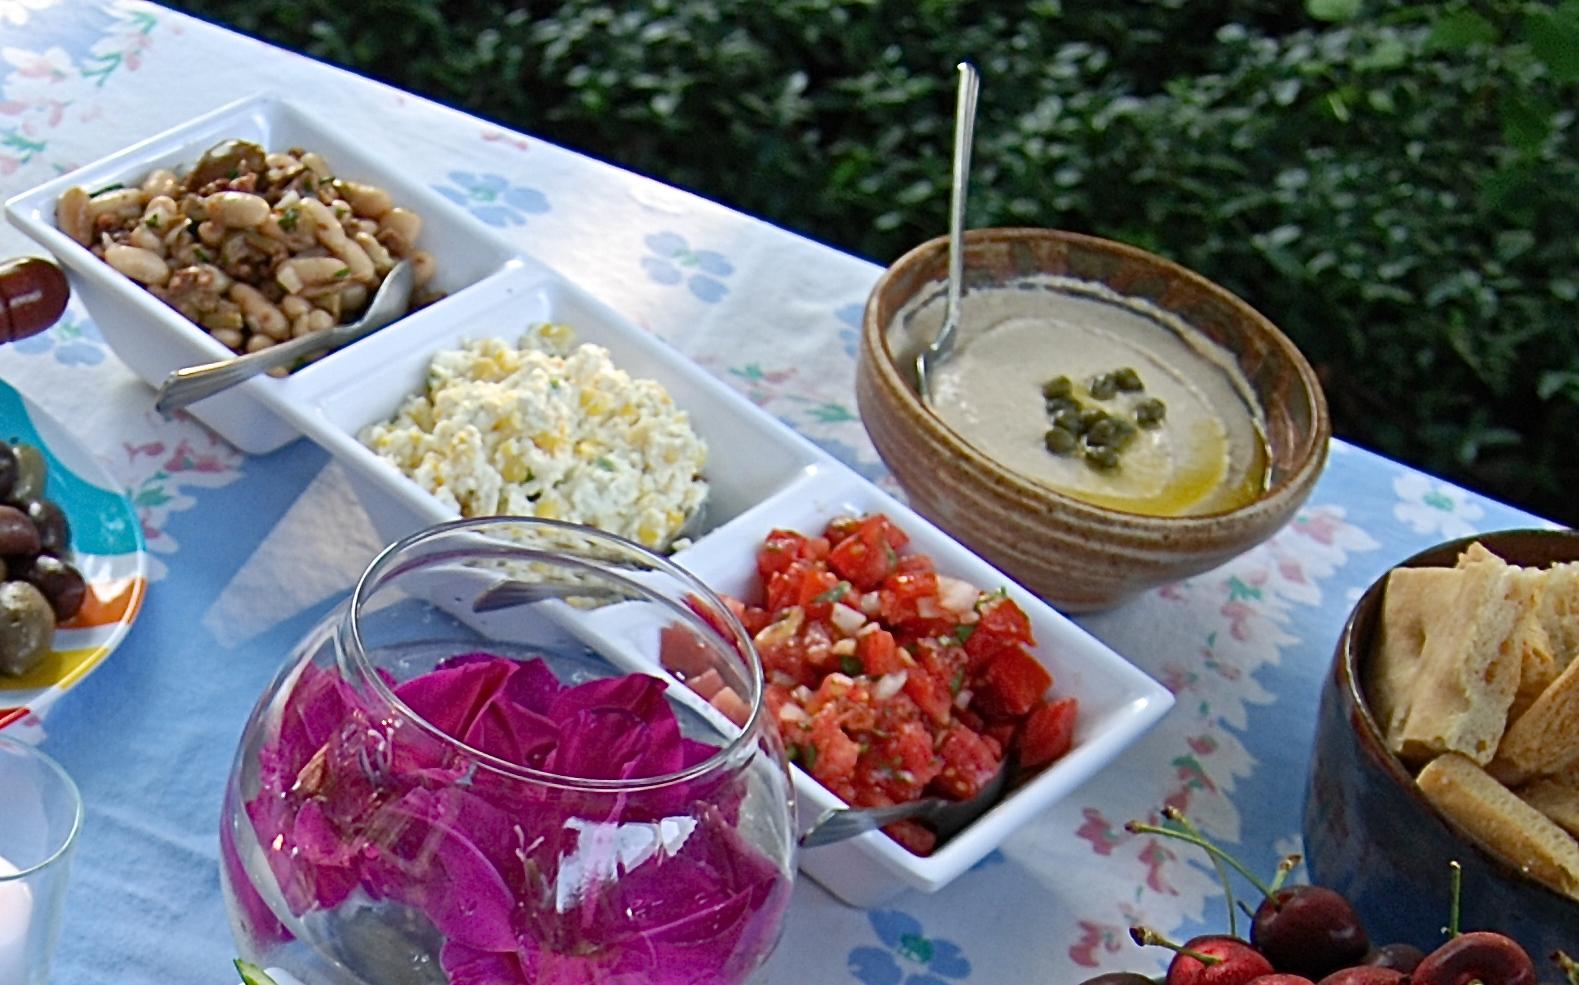 Tuna Olive Oil Spread